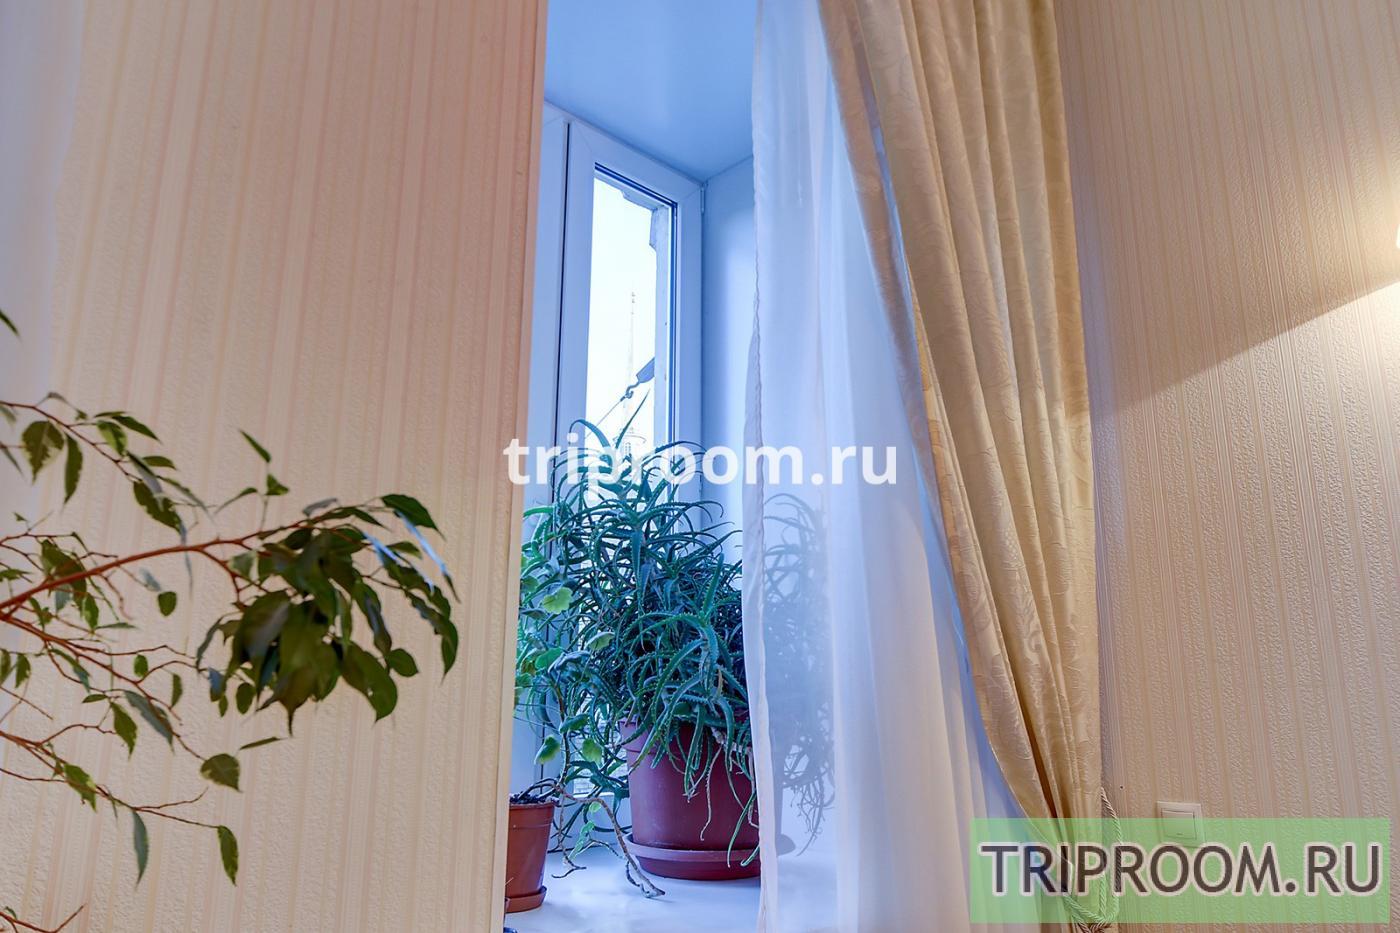 2-комнатная квартира посуточно (вариант № 15459), ул. Адмиралтейская набережная, фото № 8